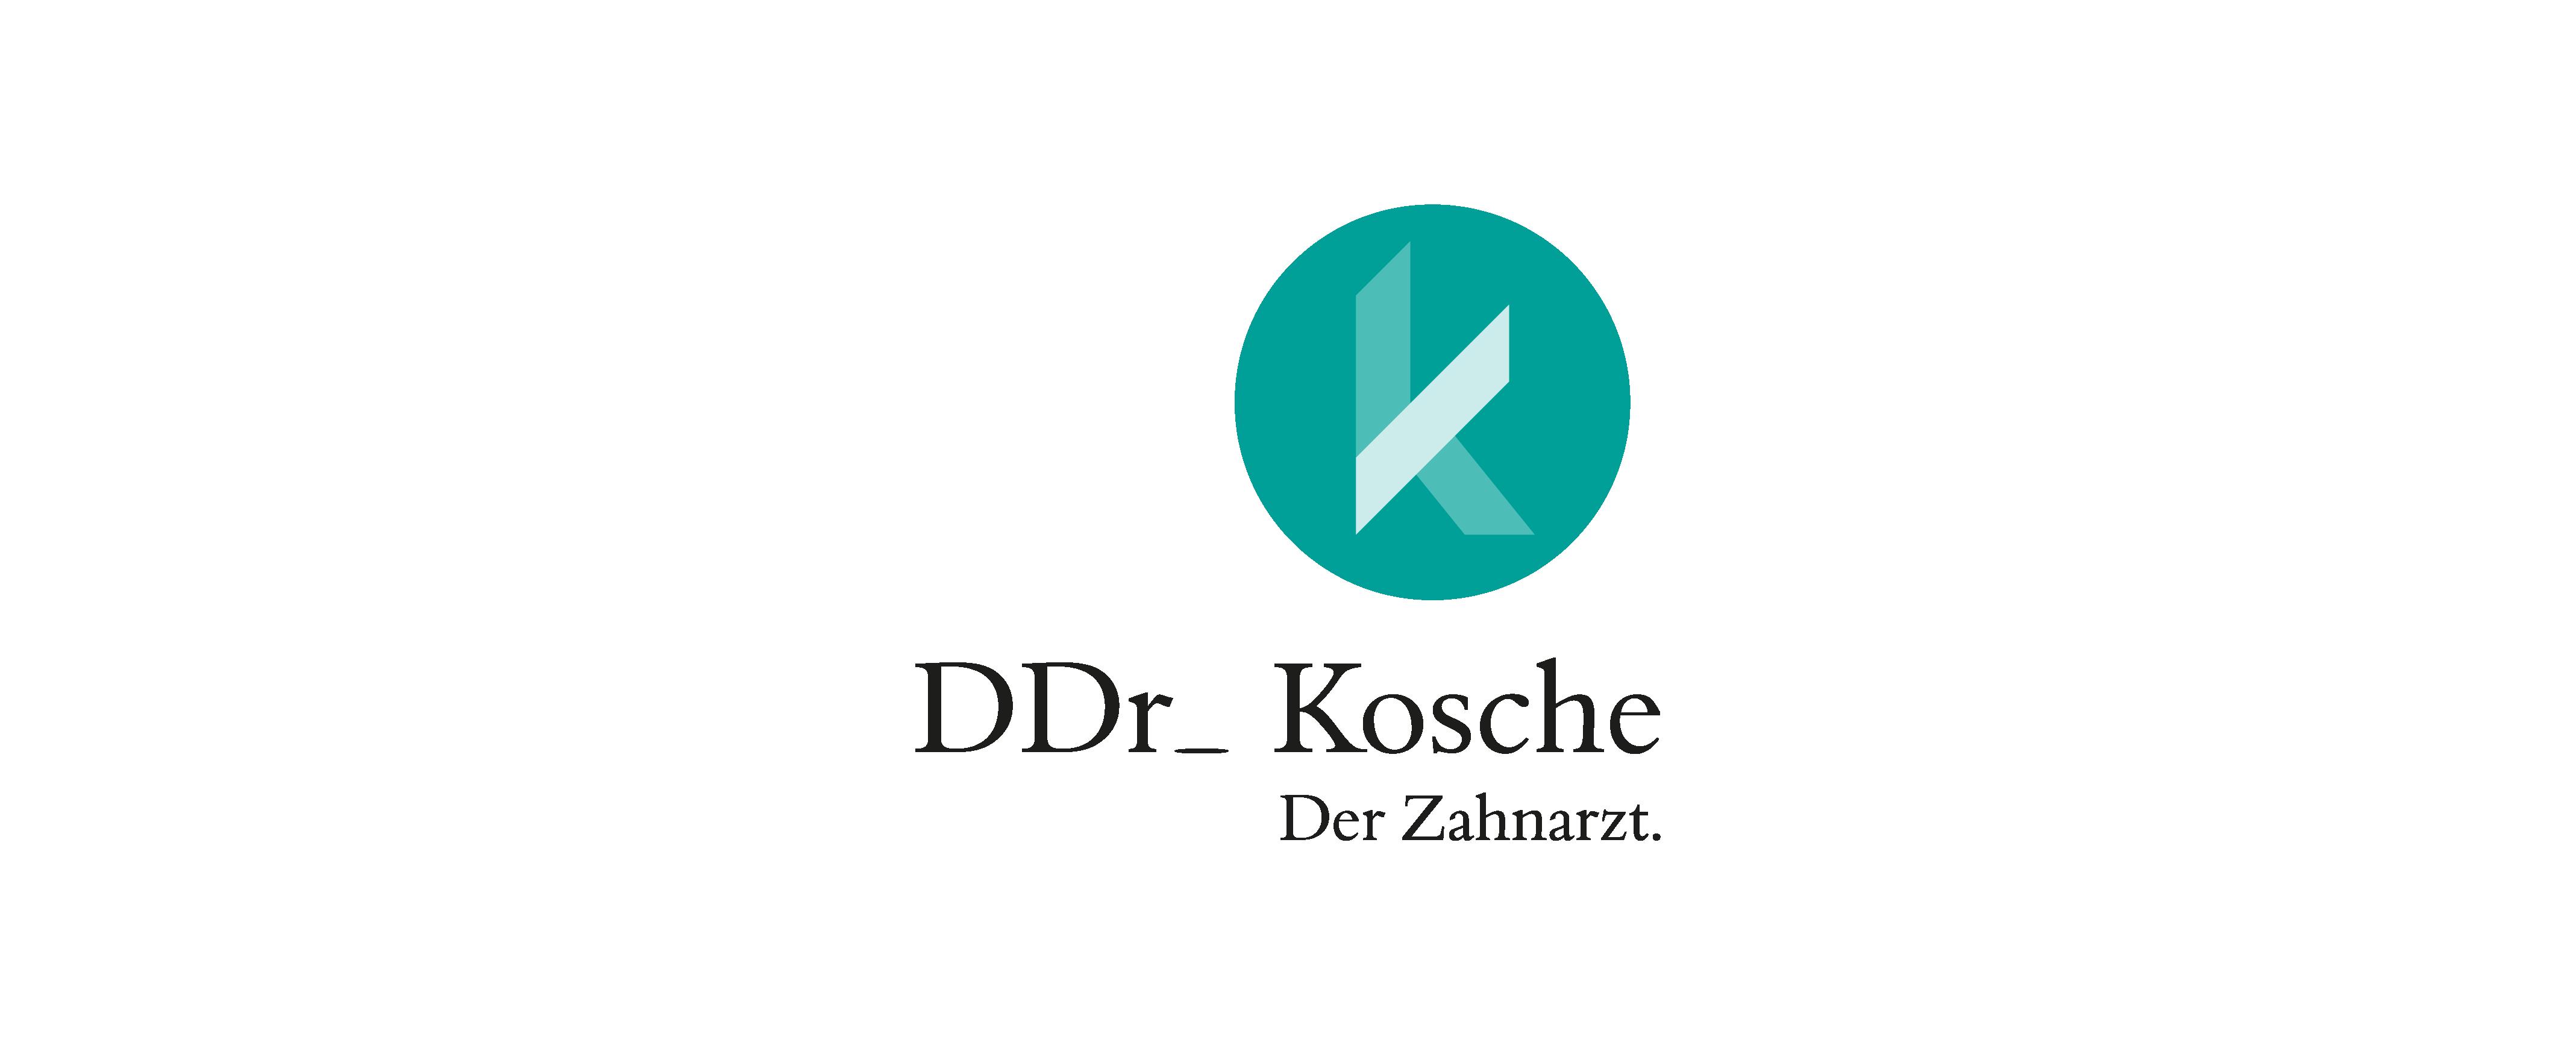 DDr. Kosche